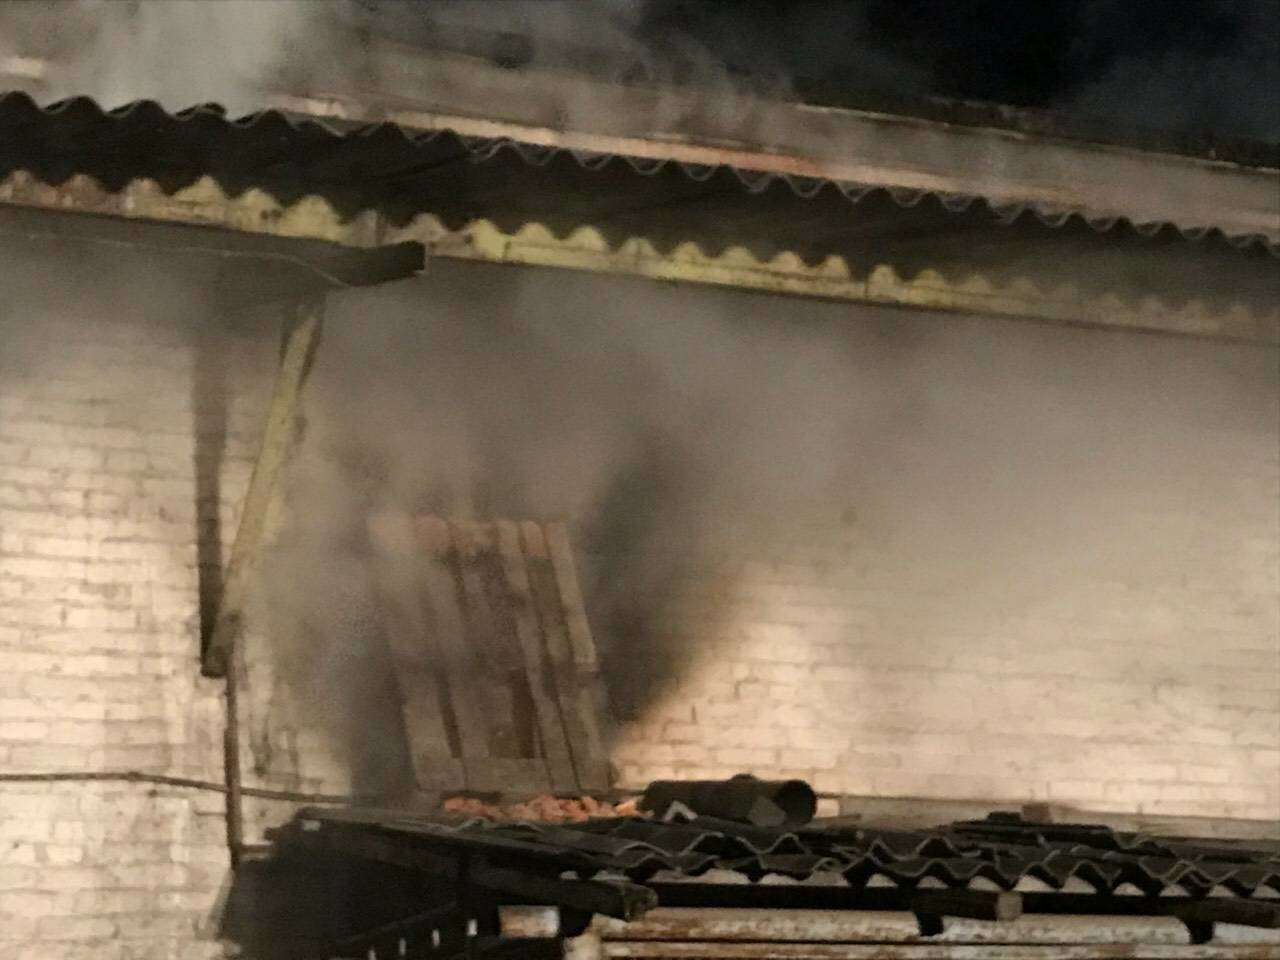 В Днепре на ул. Журналистов загорелось помещение по изготовлению мебели (ФОТО, ВИДЕО), фото-6